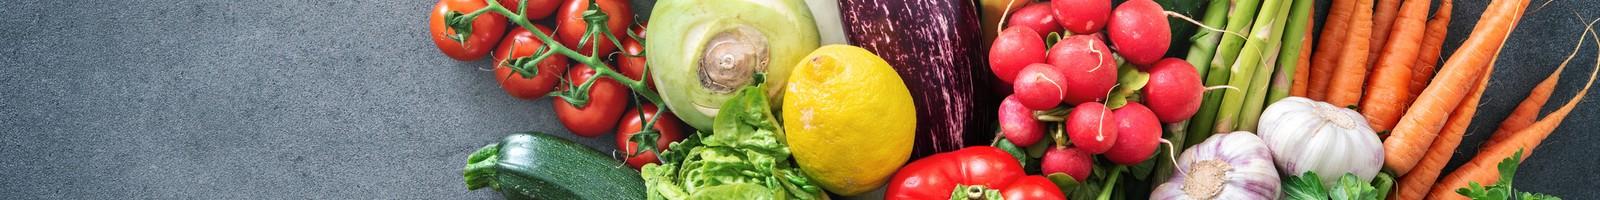 Santé publique France souhaite que les Français surveillent davantage leur alimentation